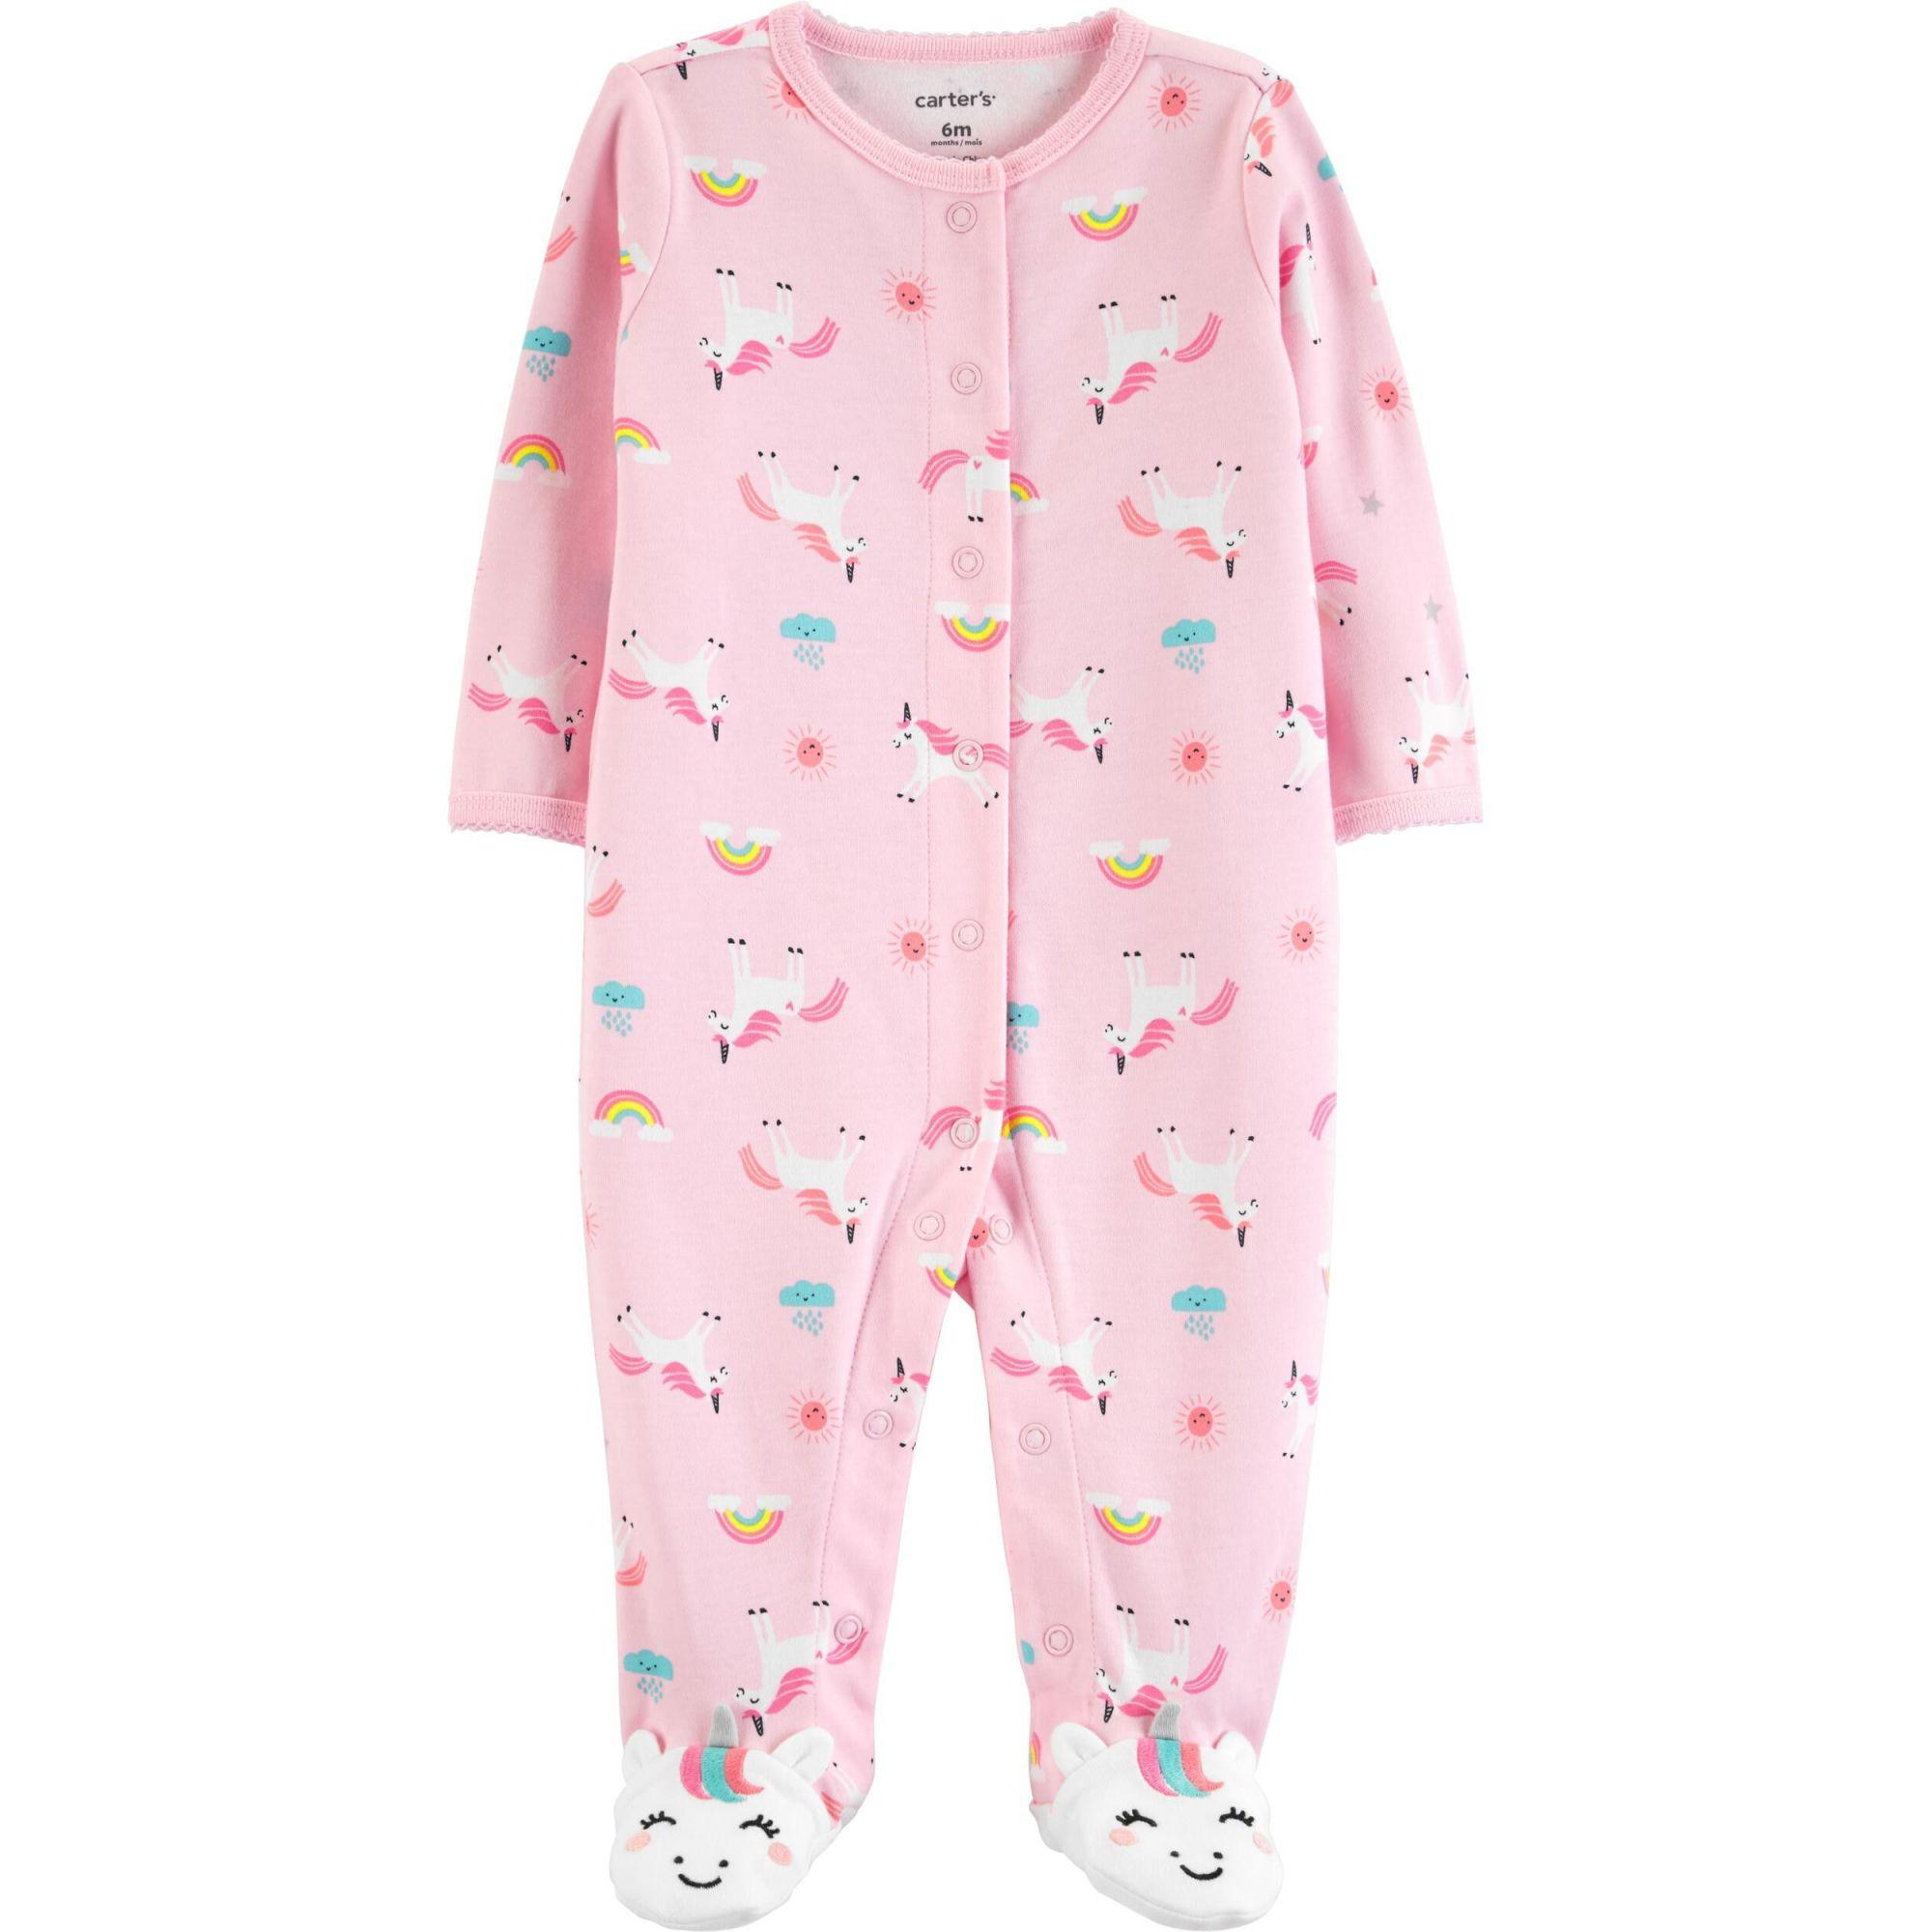 Macacão Pijama Carter´s - UNICÓRNIO PINK